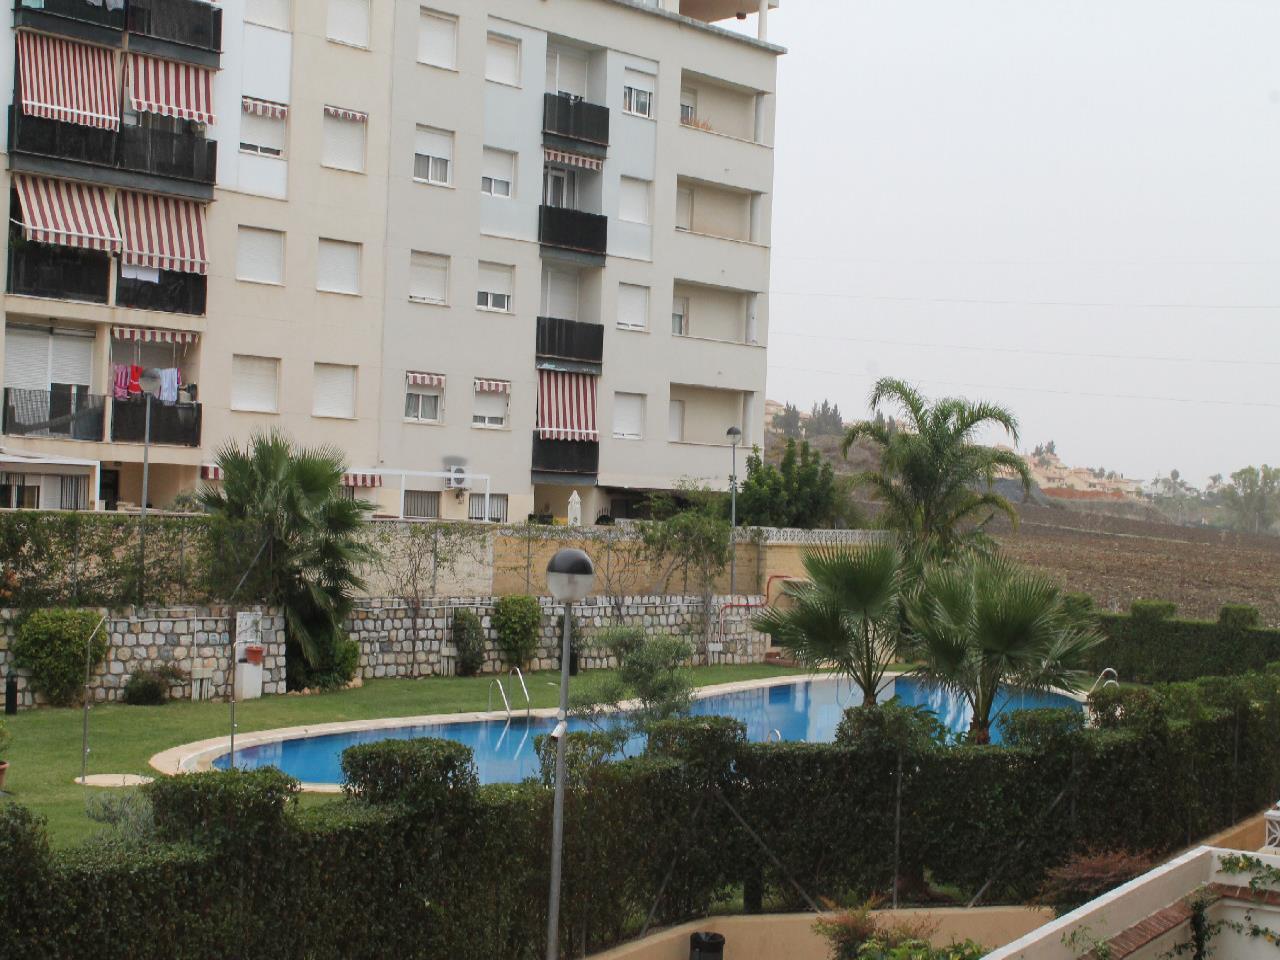 APARTAMENTO en venta en nueva andalucia-puerto banus 150.000 €